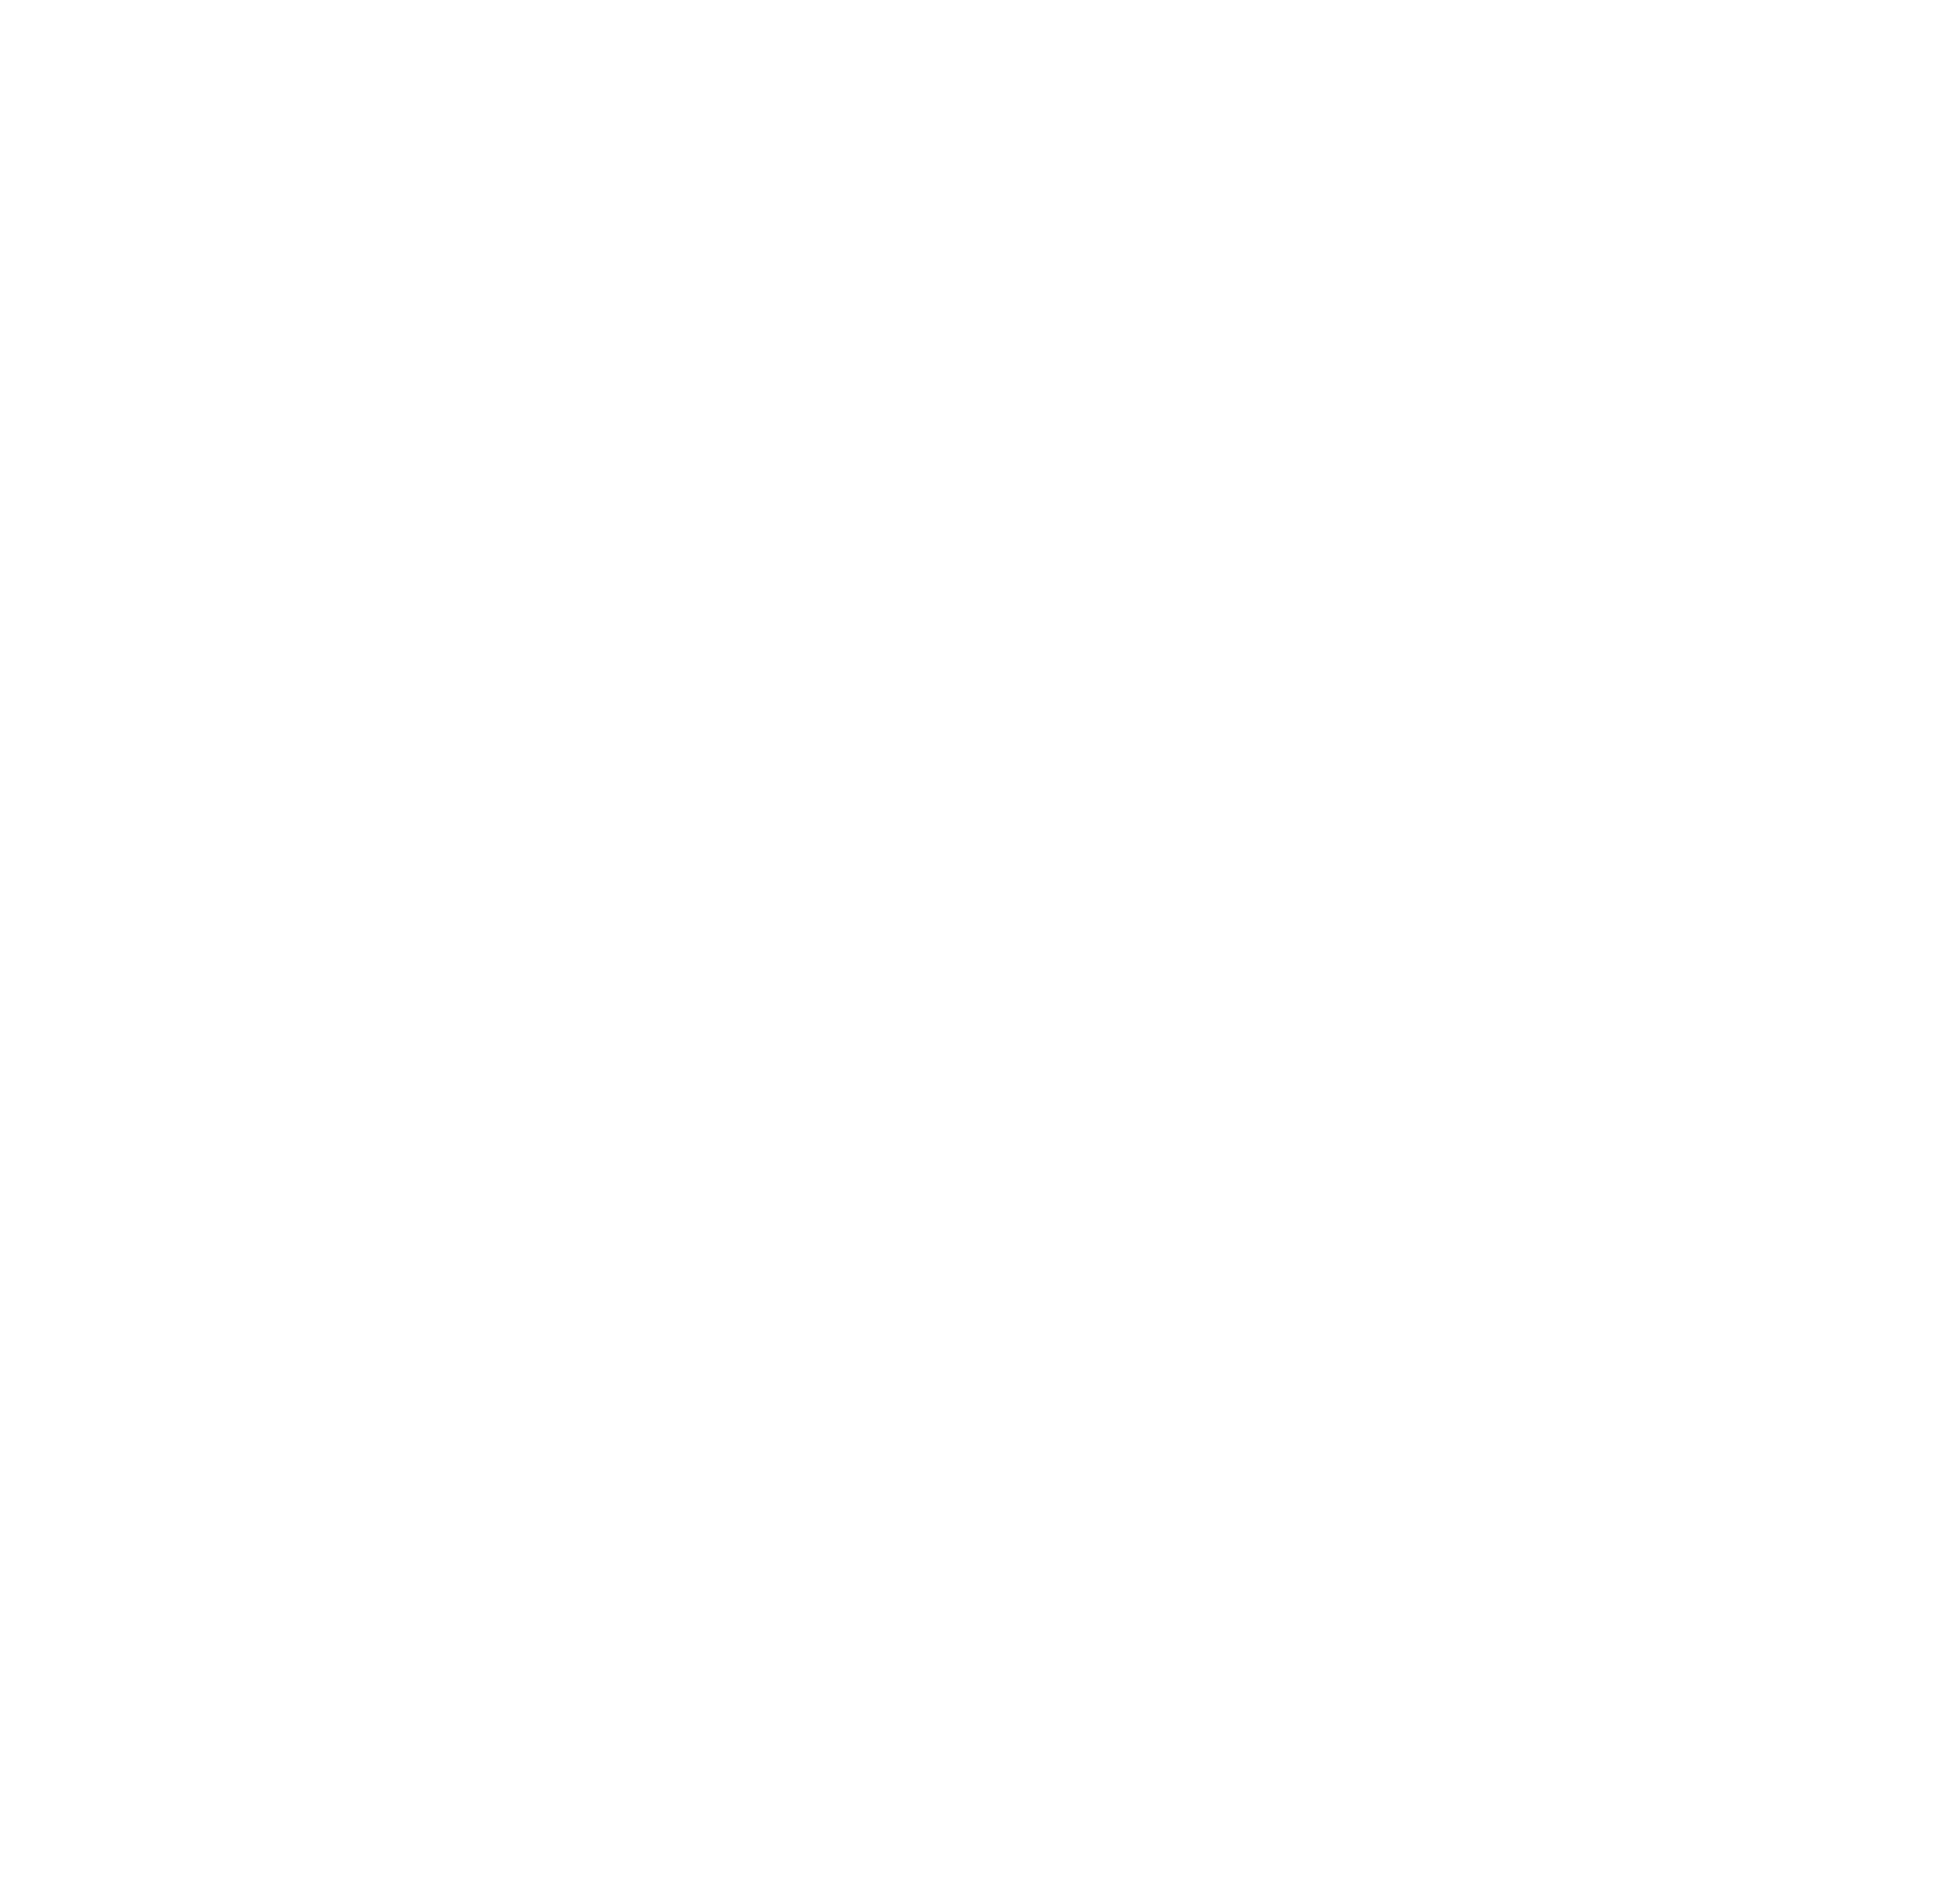 HP3 logo